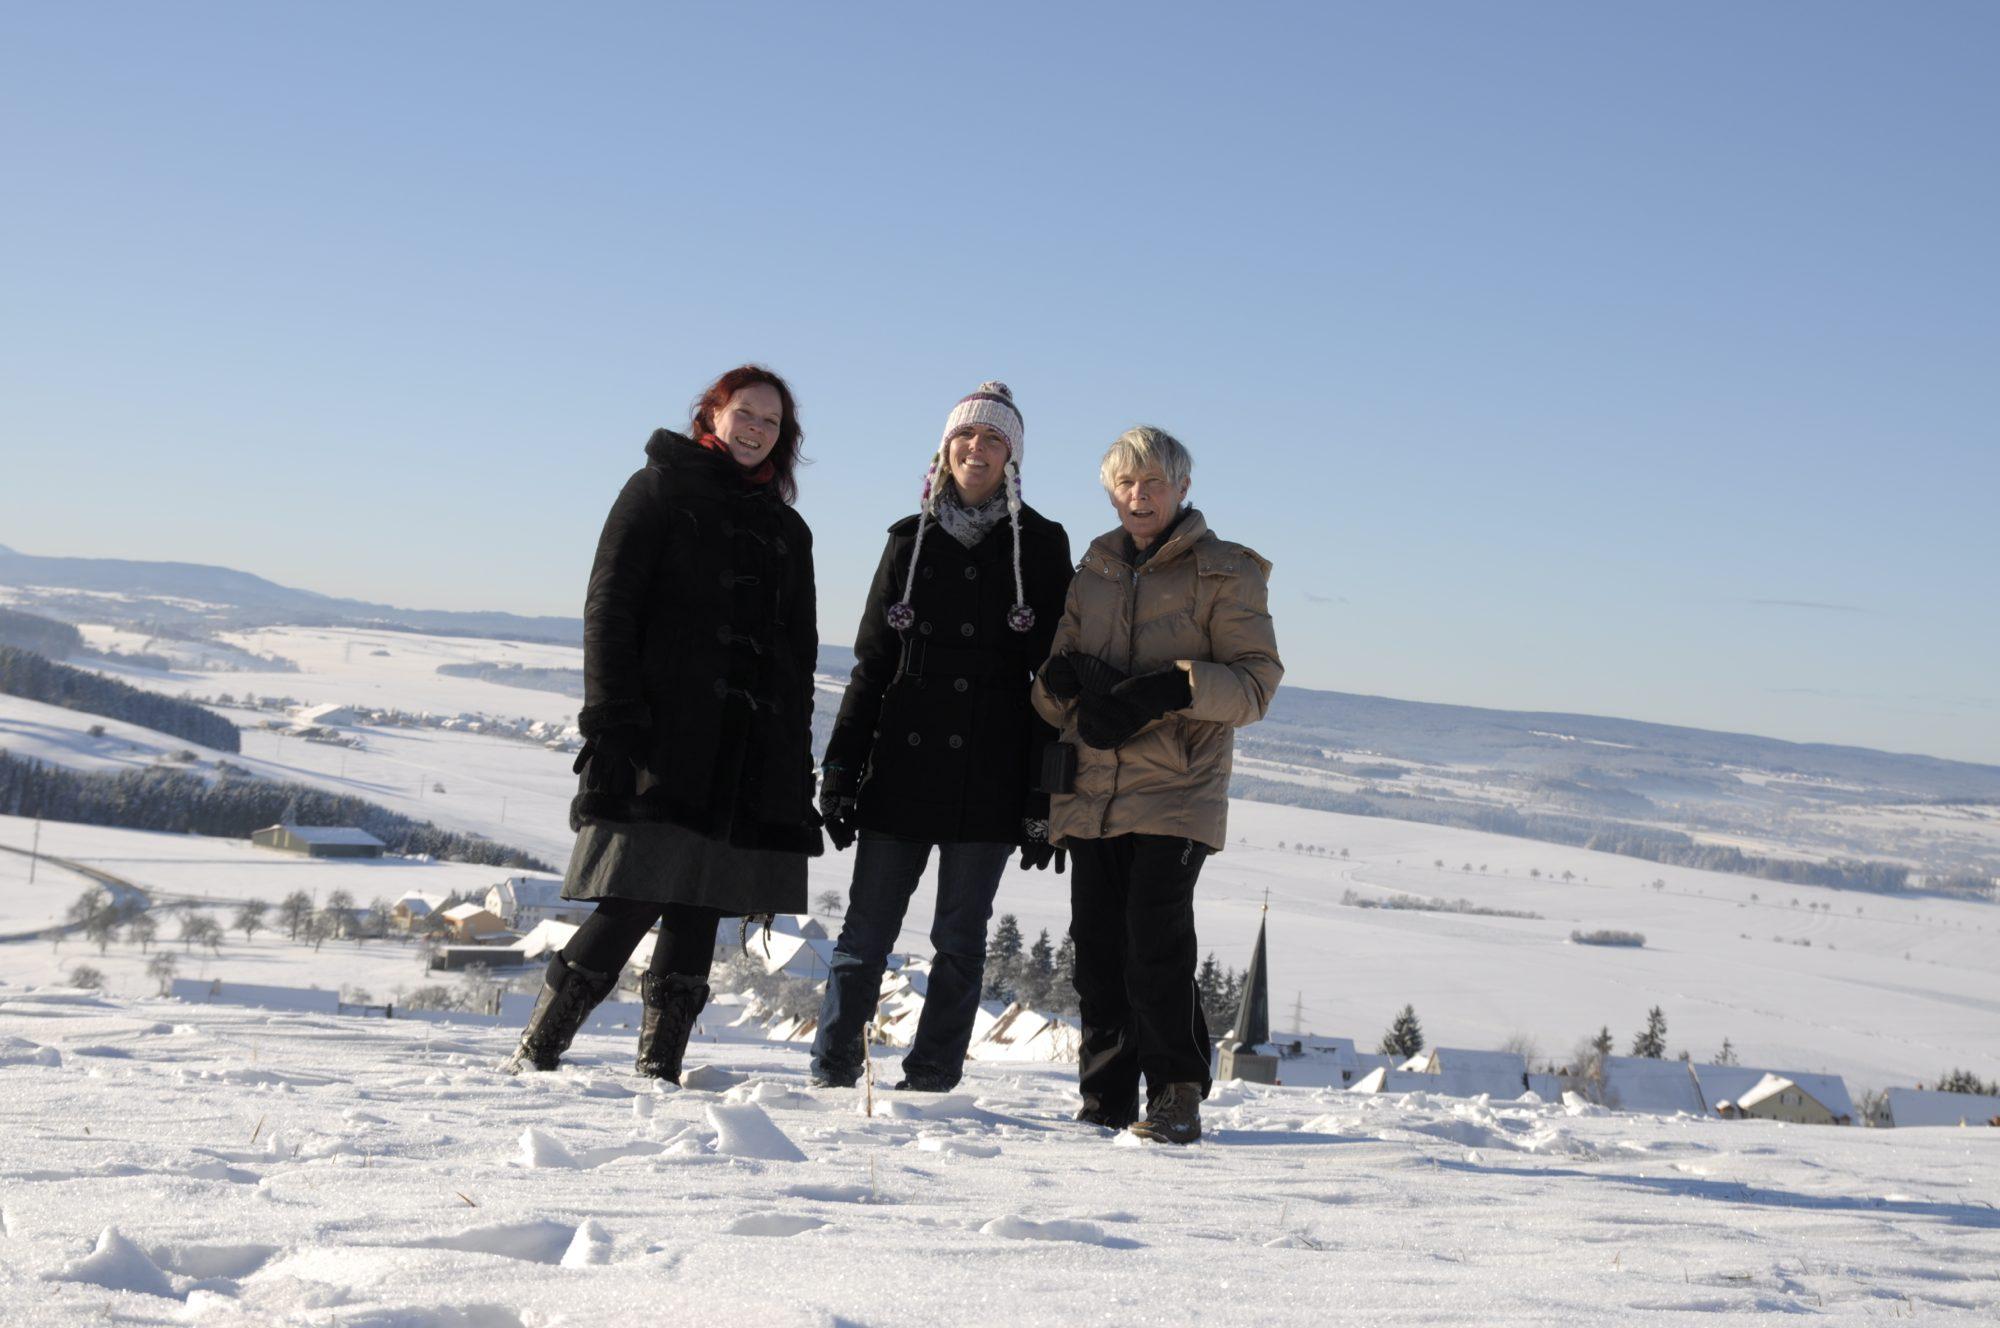 Dezember 2010 - Winterlandschaft auf dem Fürstenberg. Johanna, Luisa und Mama.